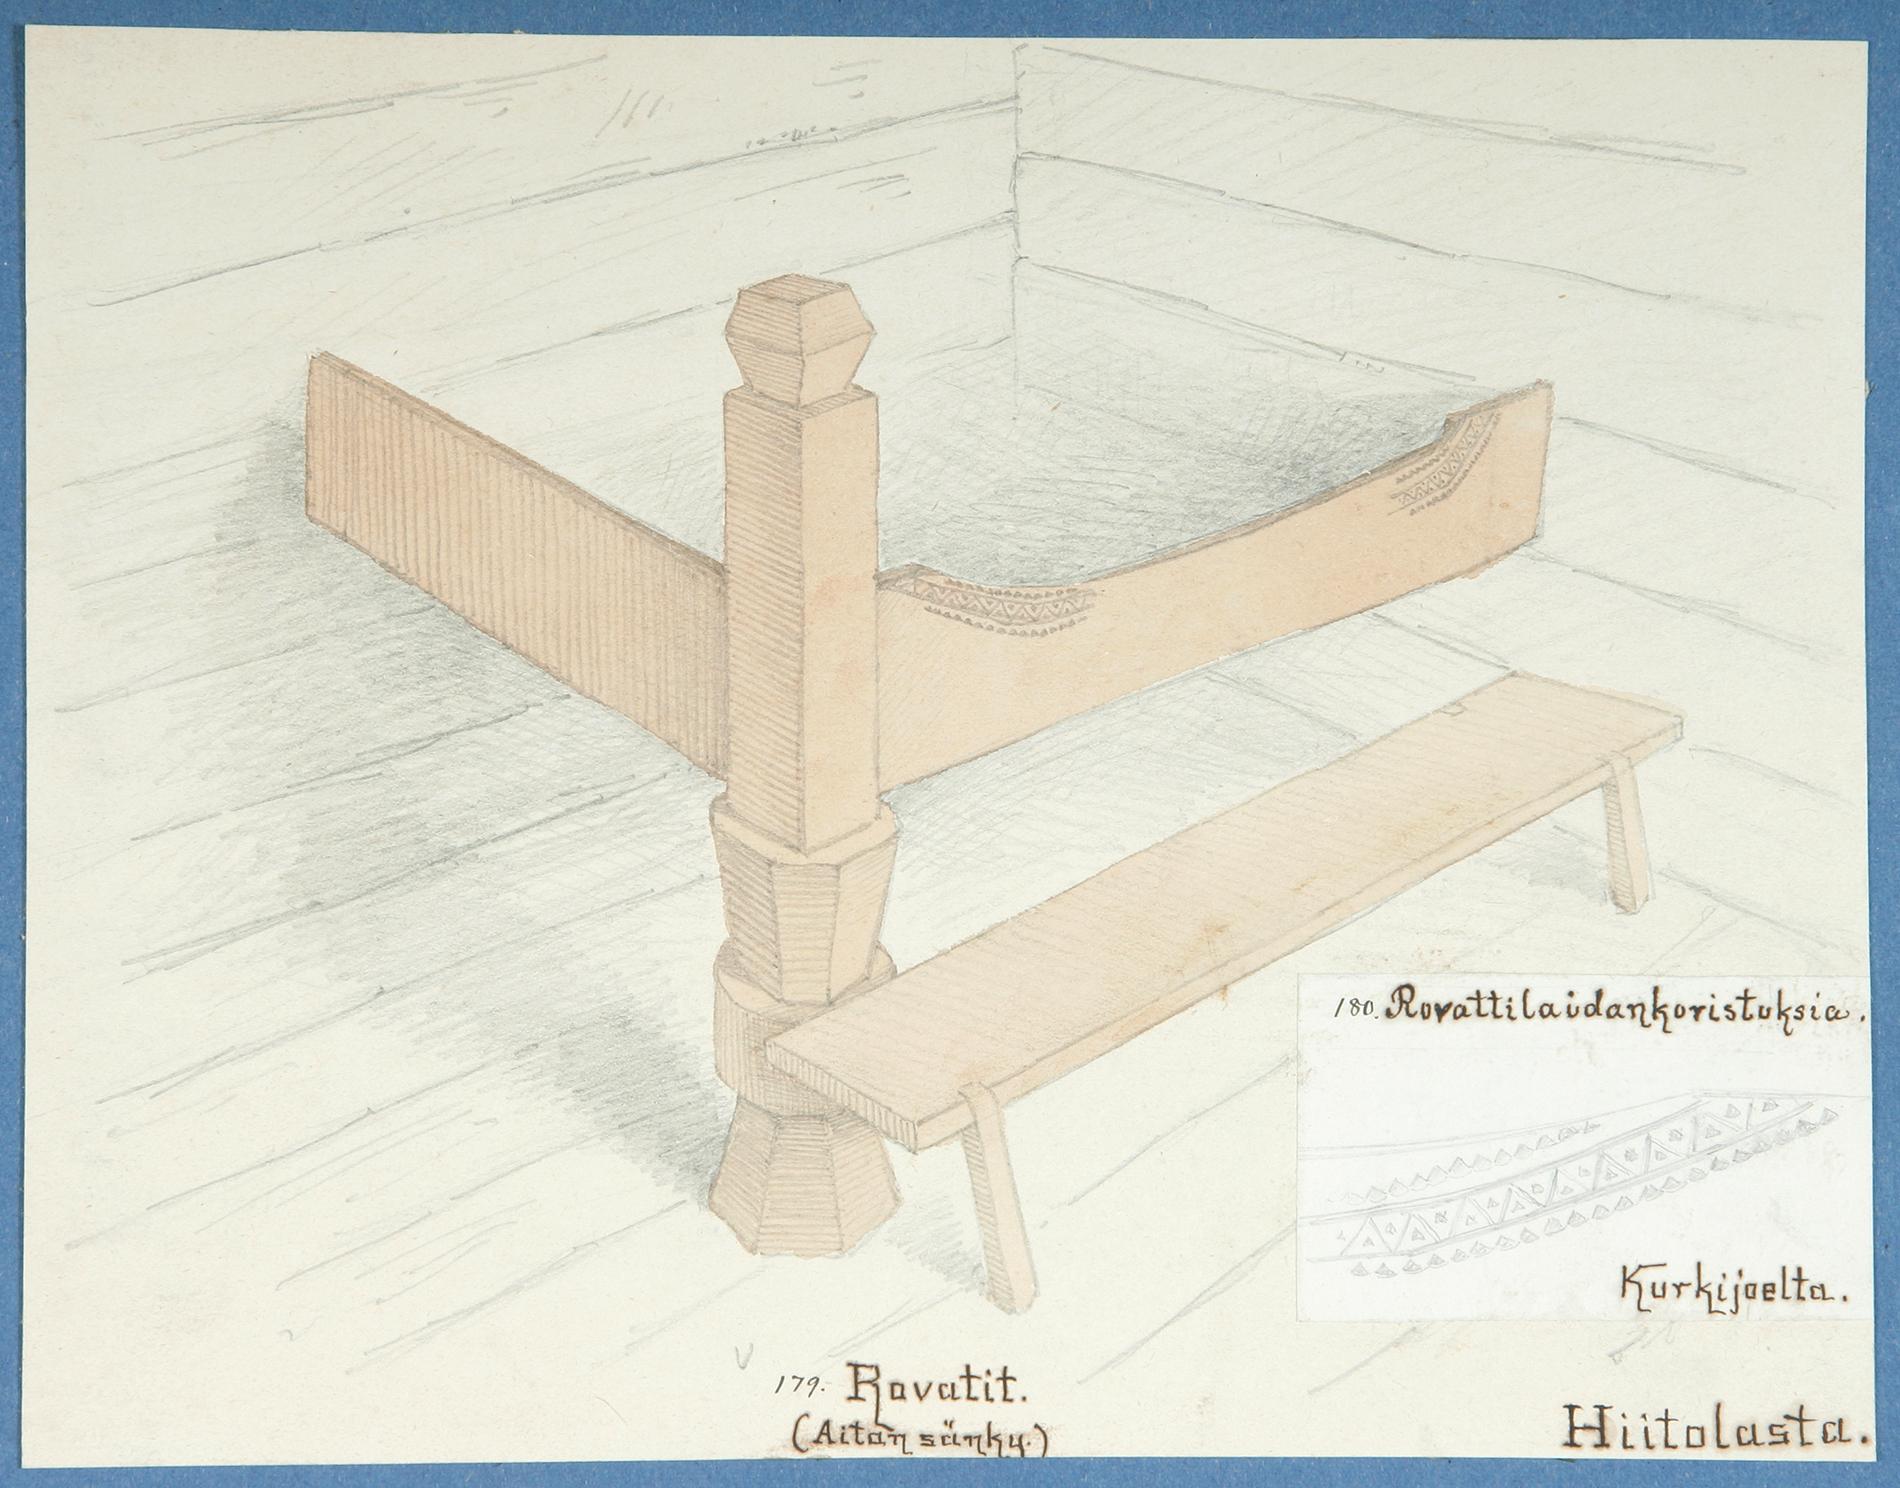 Aitan sänky Hiitolasta, piirros vuodelta 1880. Piirtäjä Agaton Reinholm. SKS KRA.